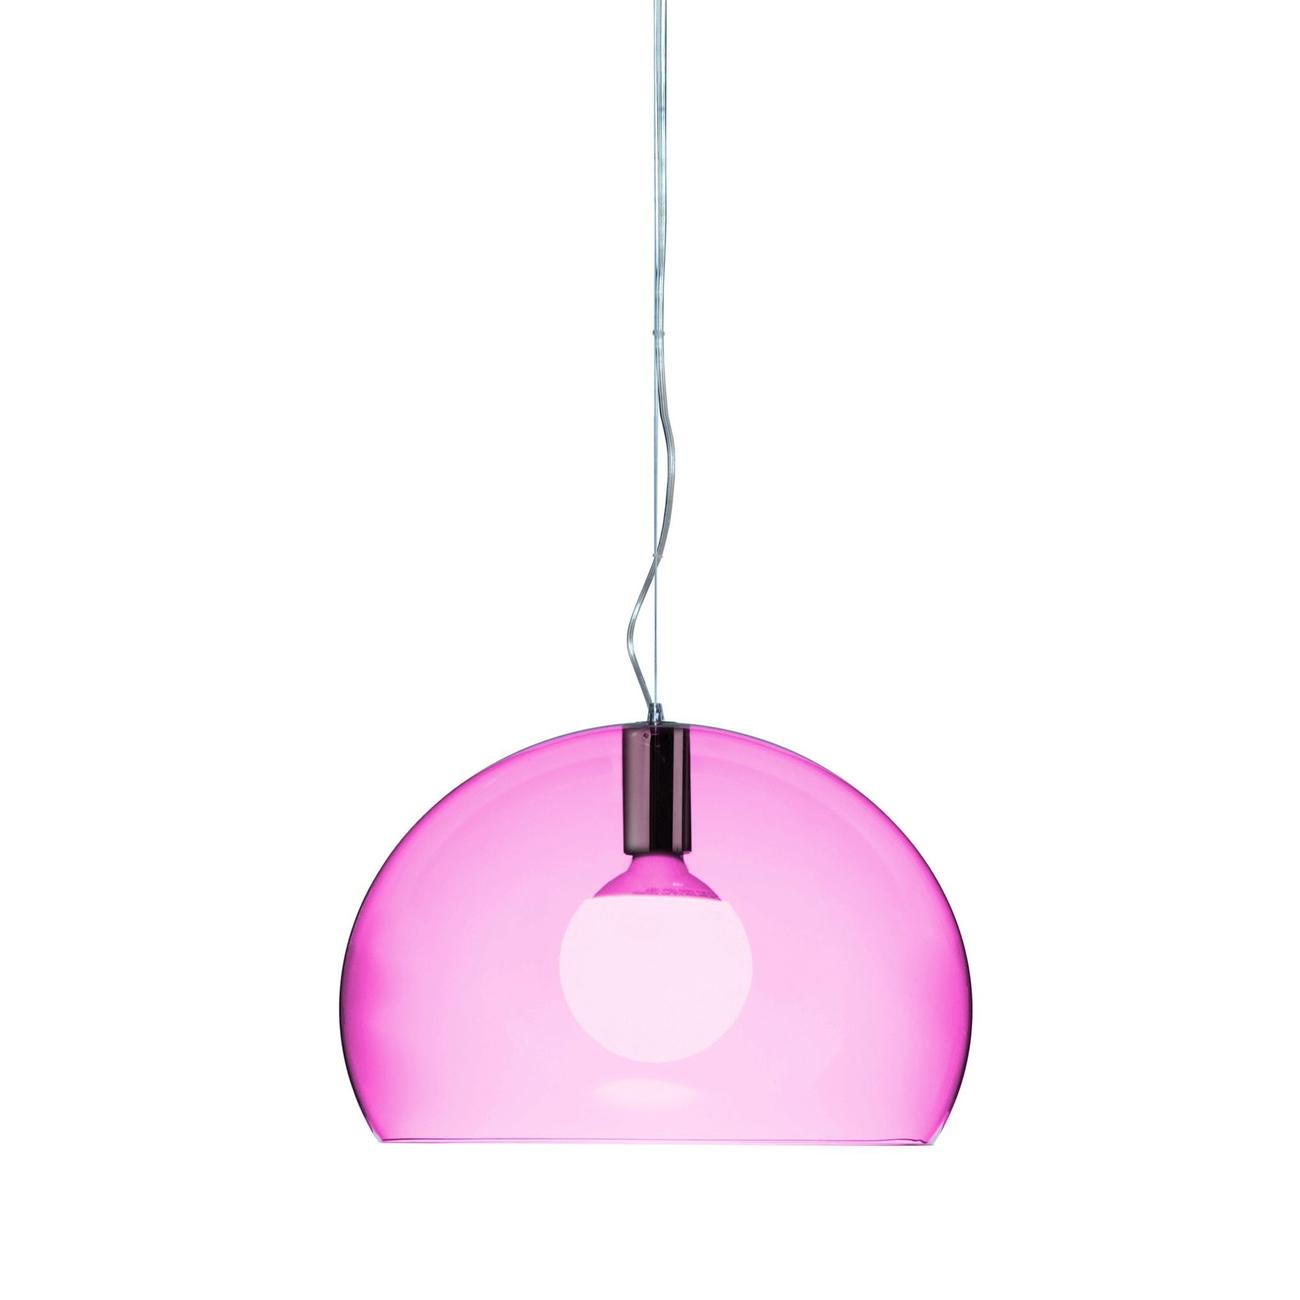 Kartell Small Fly hanglamp-Kardinaalrood